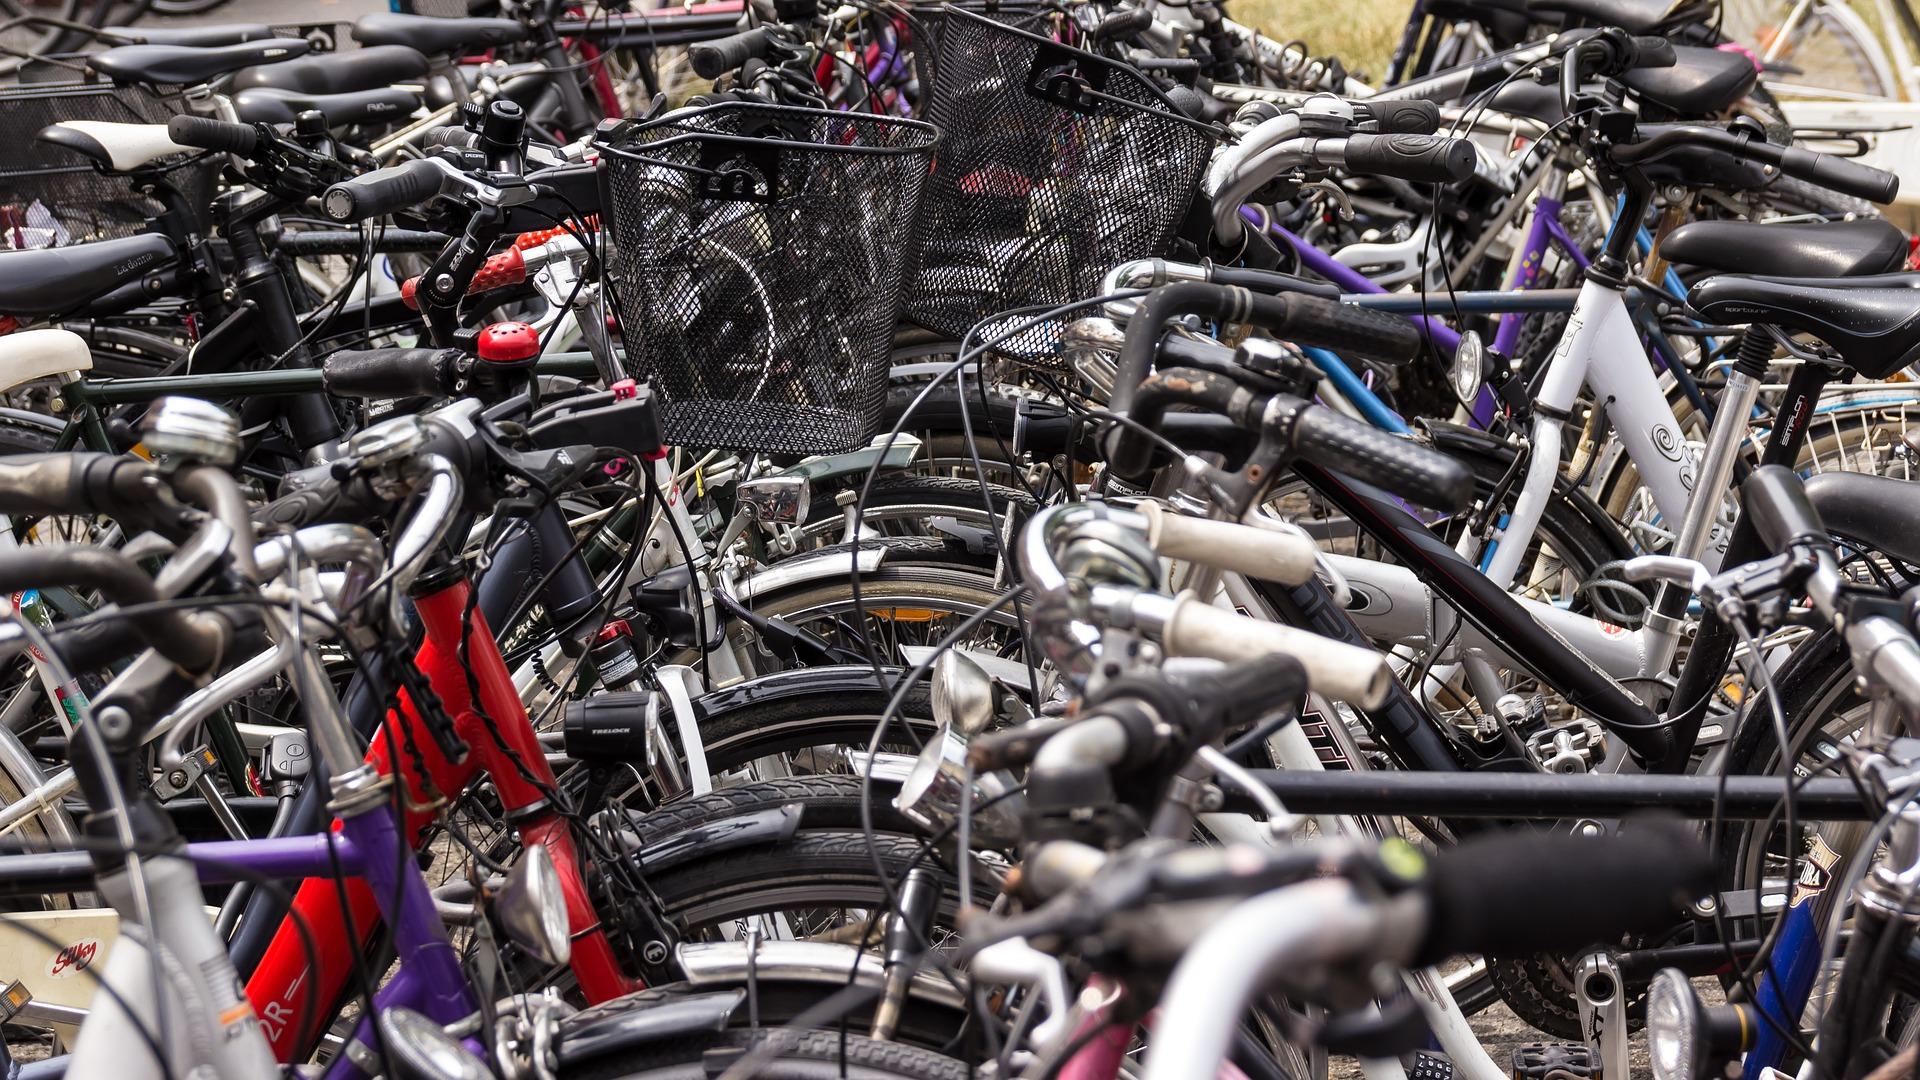 Pieniä askelia: valtuustoaloite polkupyörien pumppauspisteestä